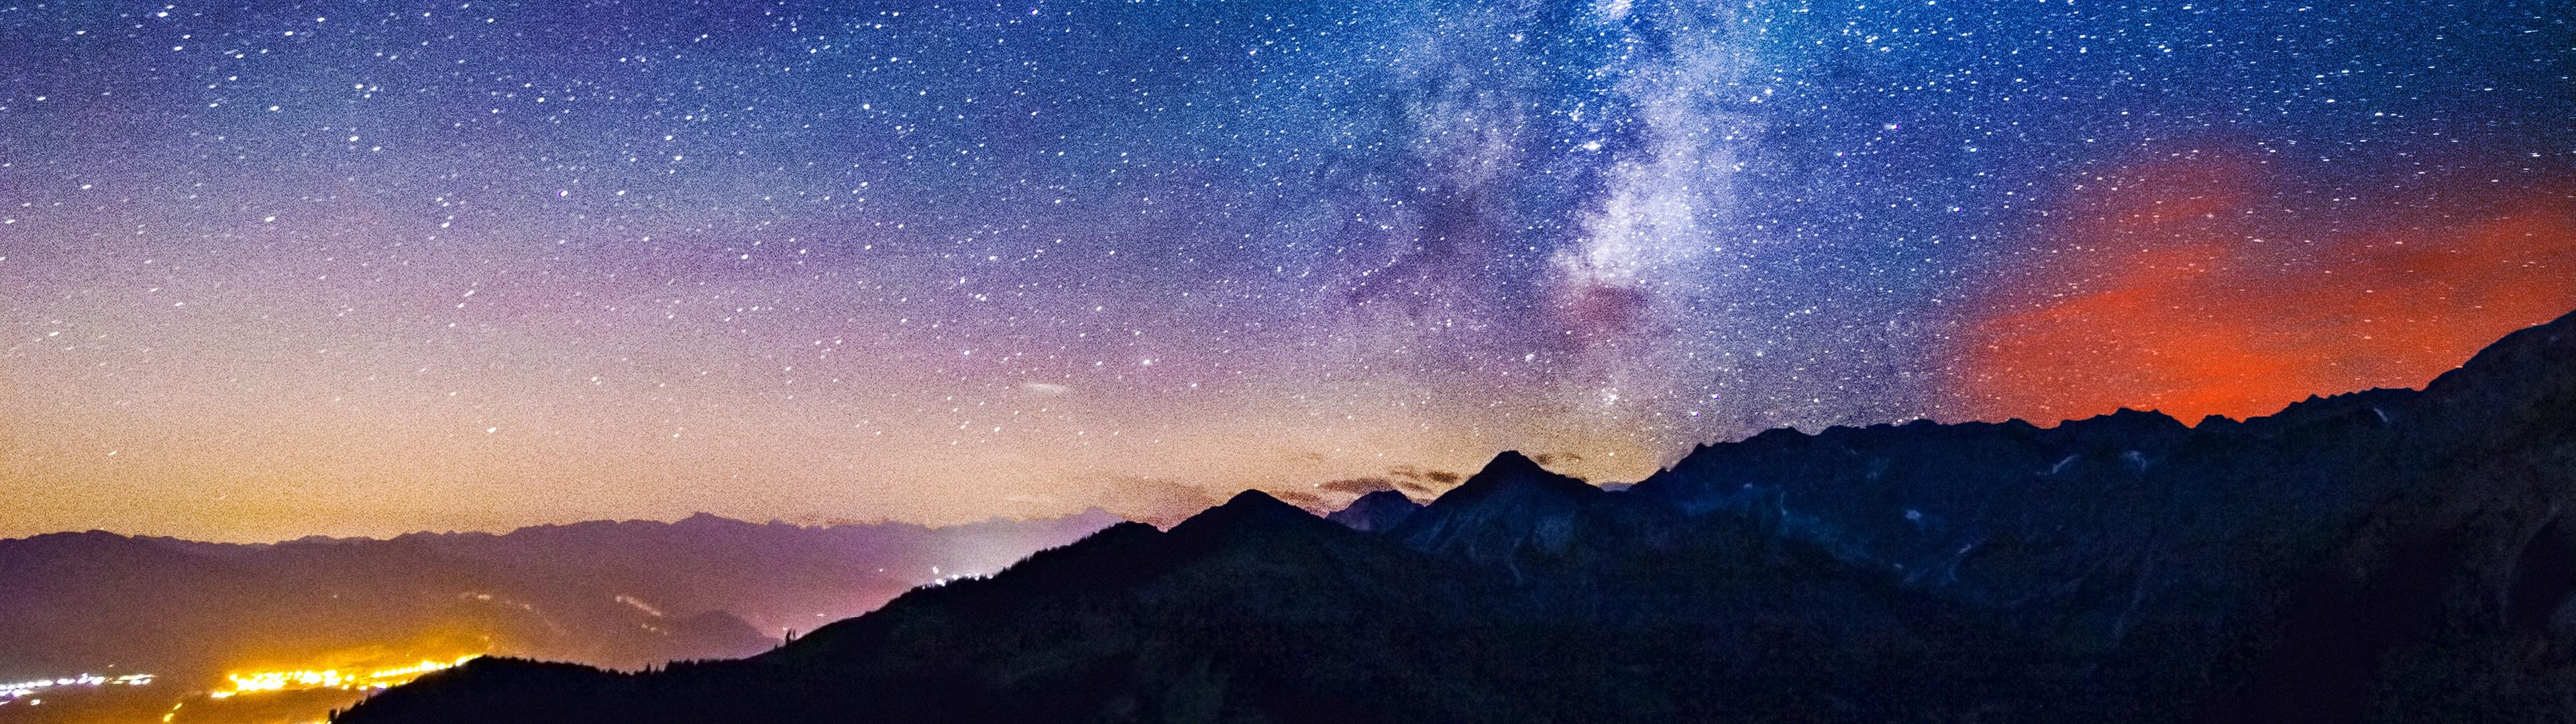 Fond d'écran : paysage, nuit, galaxie, la nature, espace, ciel, Terre, atmosphère, Affichage ...